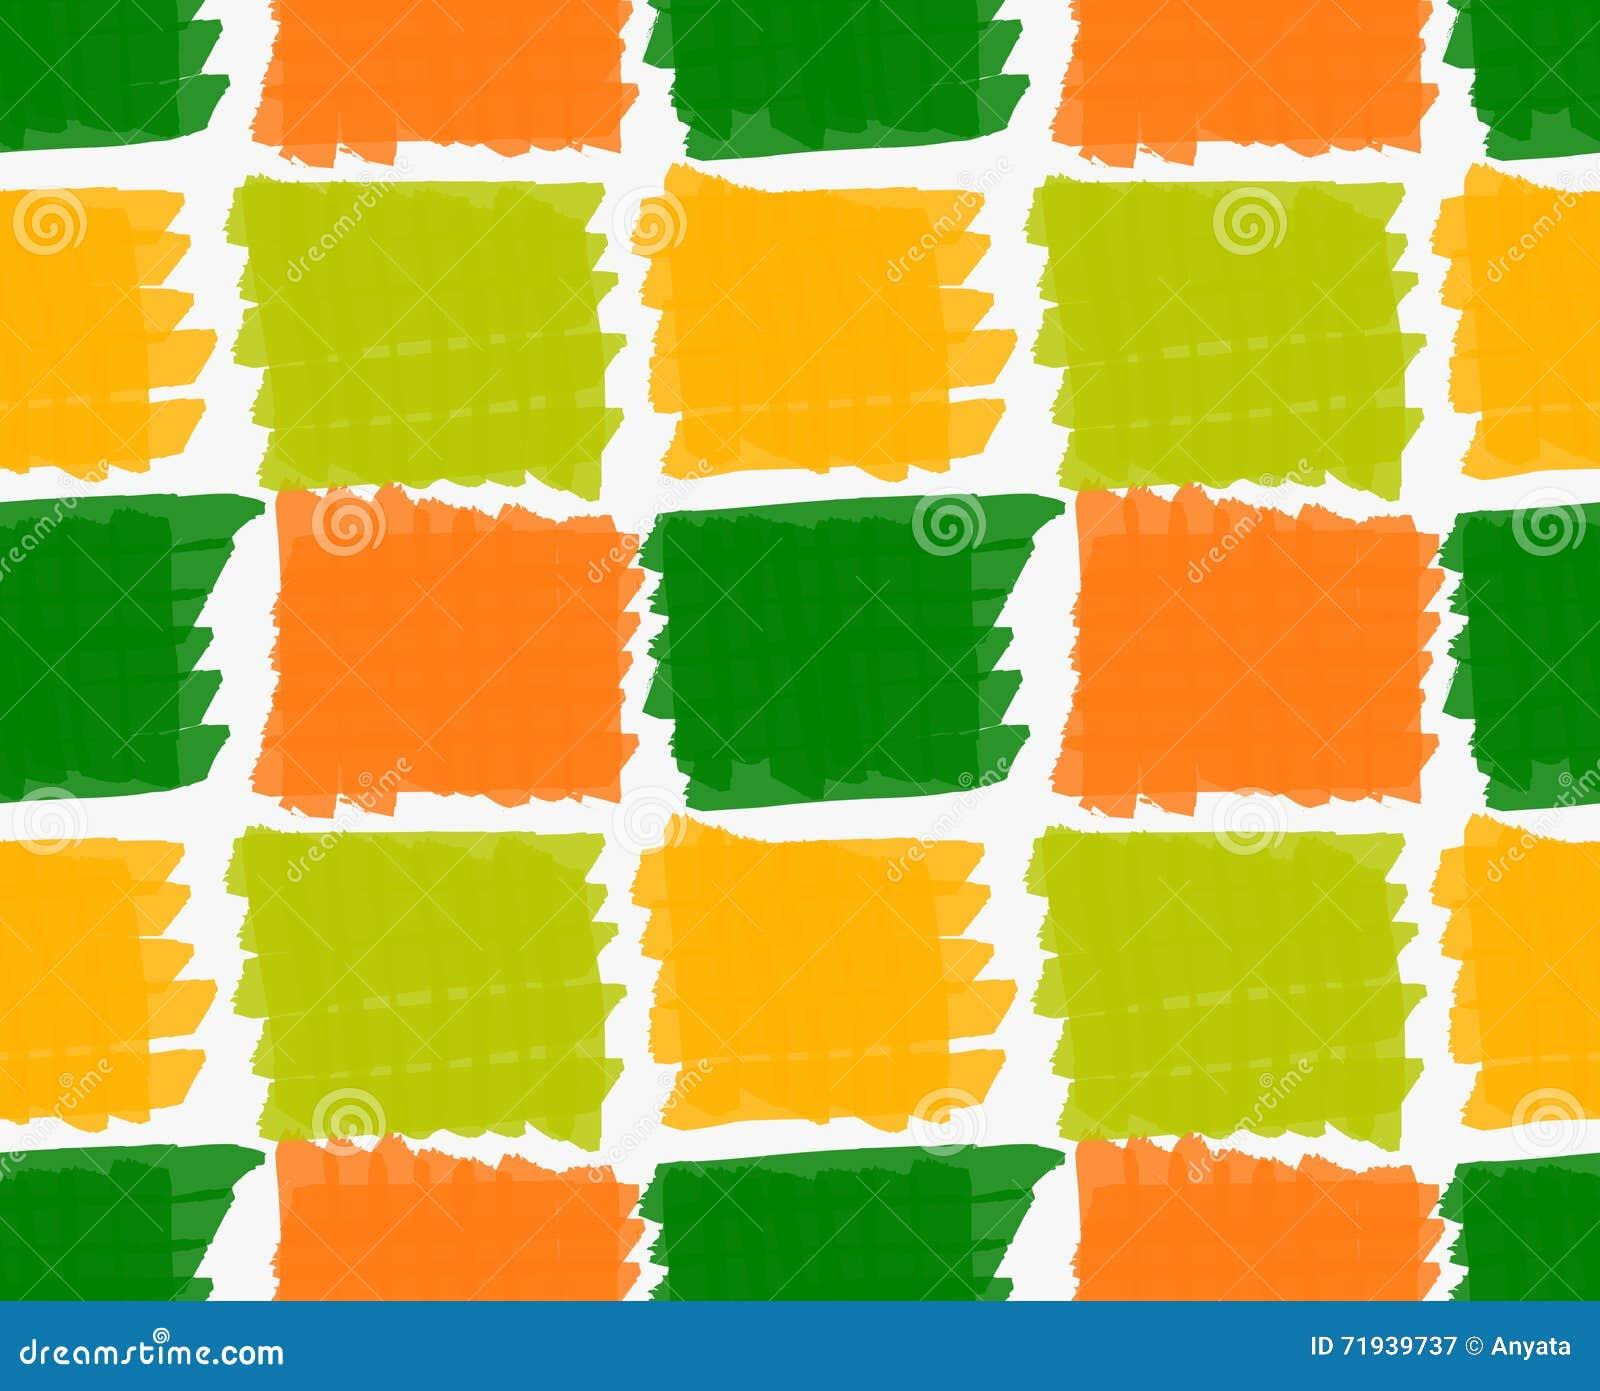 Квадраты нарисованные отметкой насиженные зеленые и оранжевые